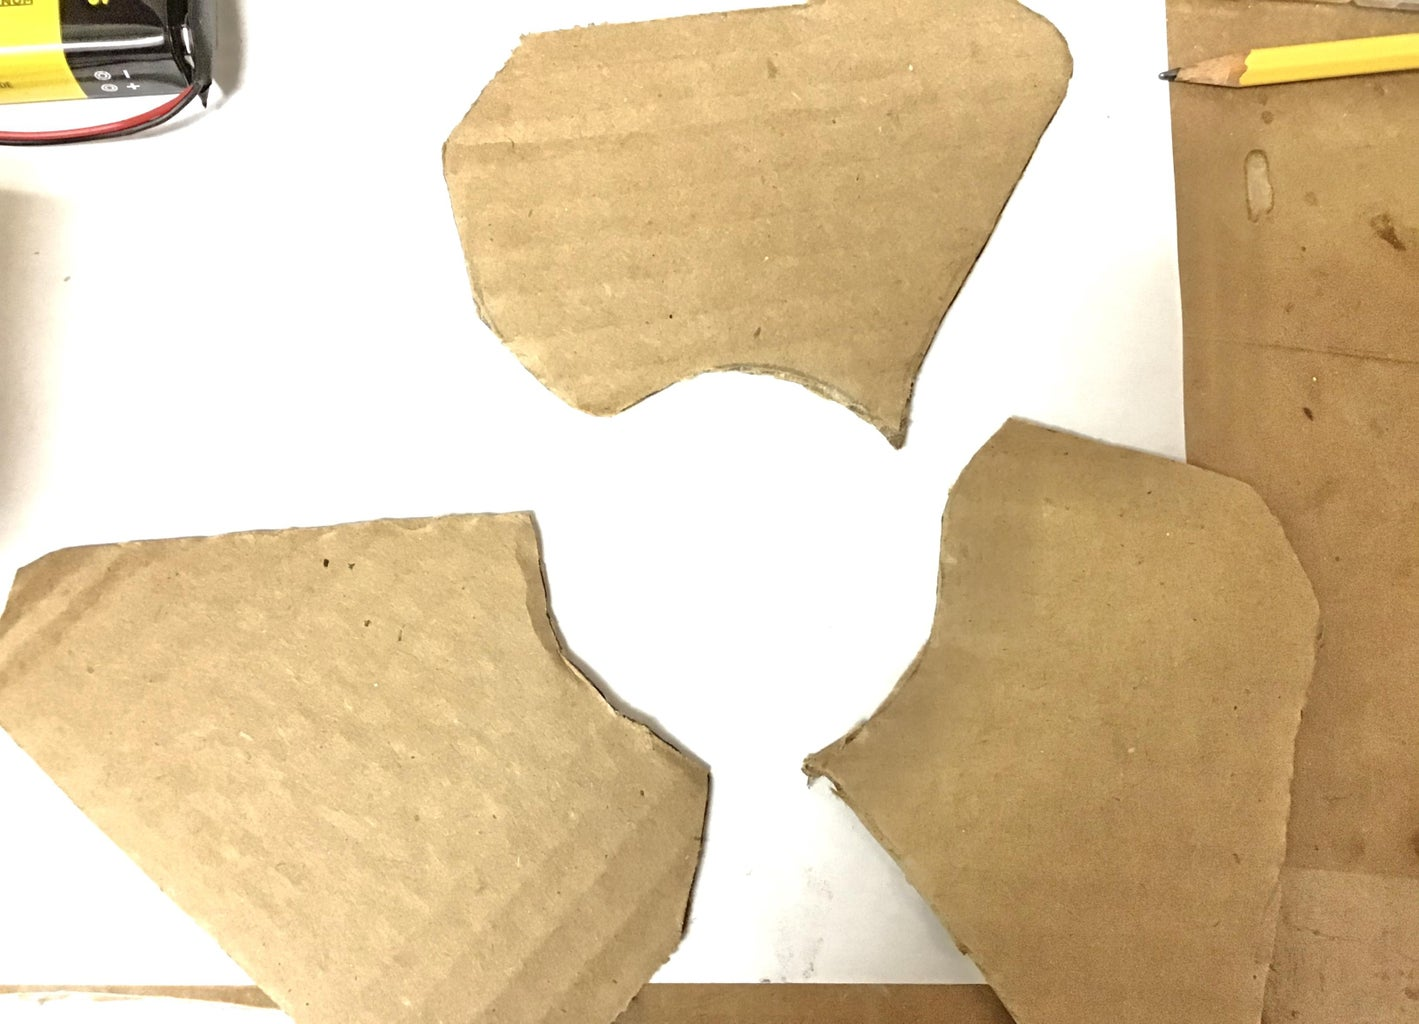 Making the Fan Blades